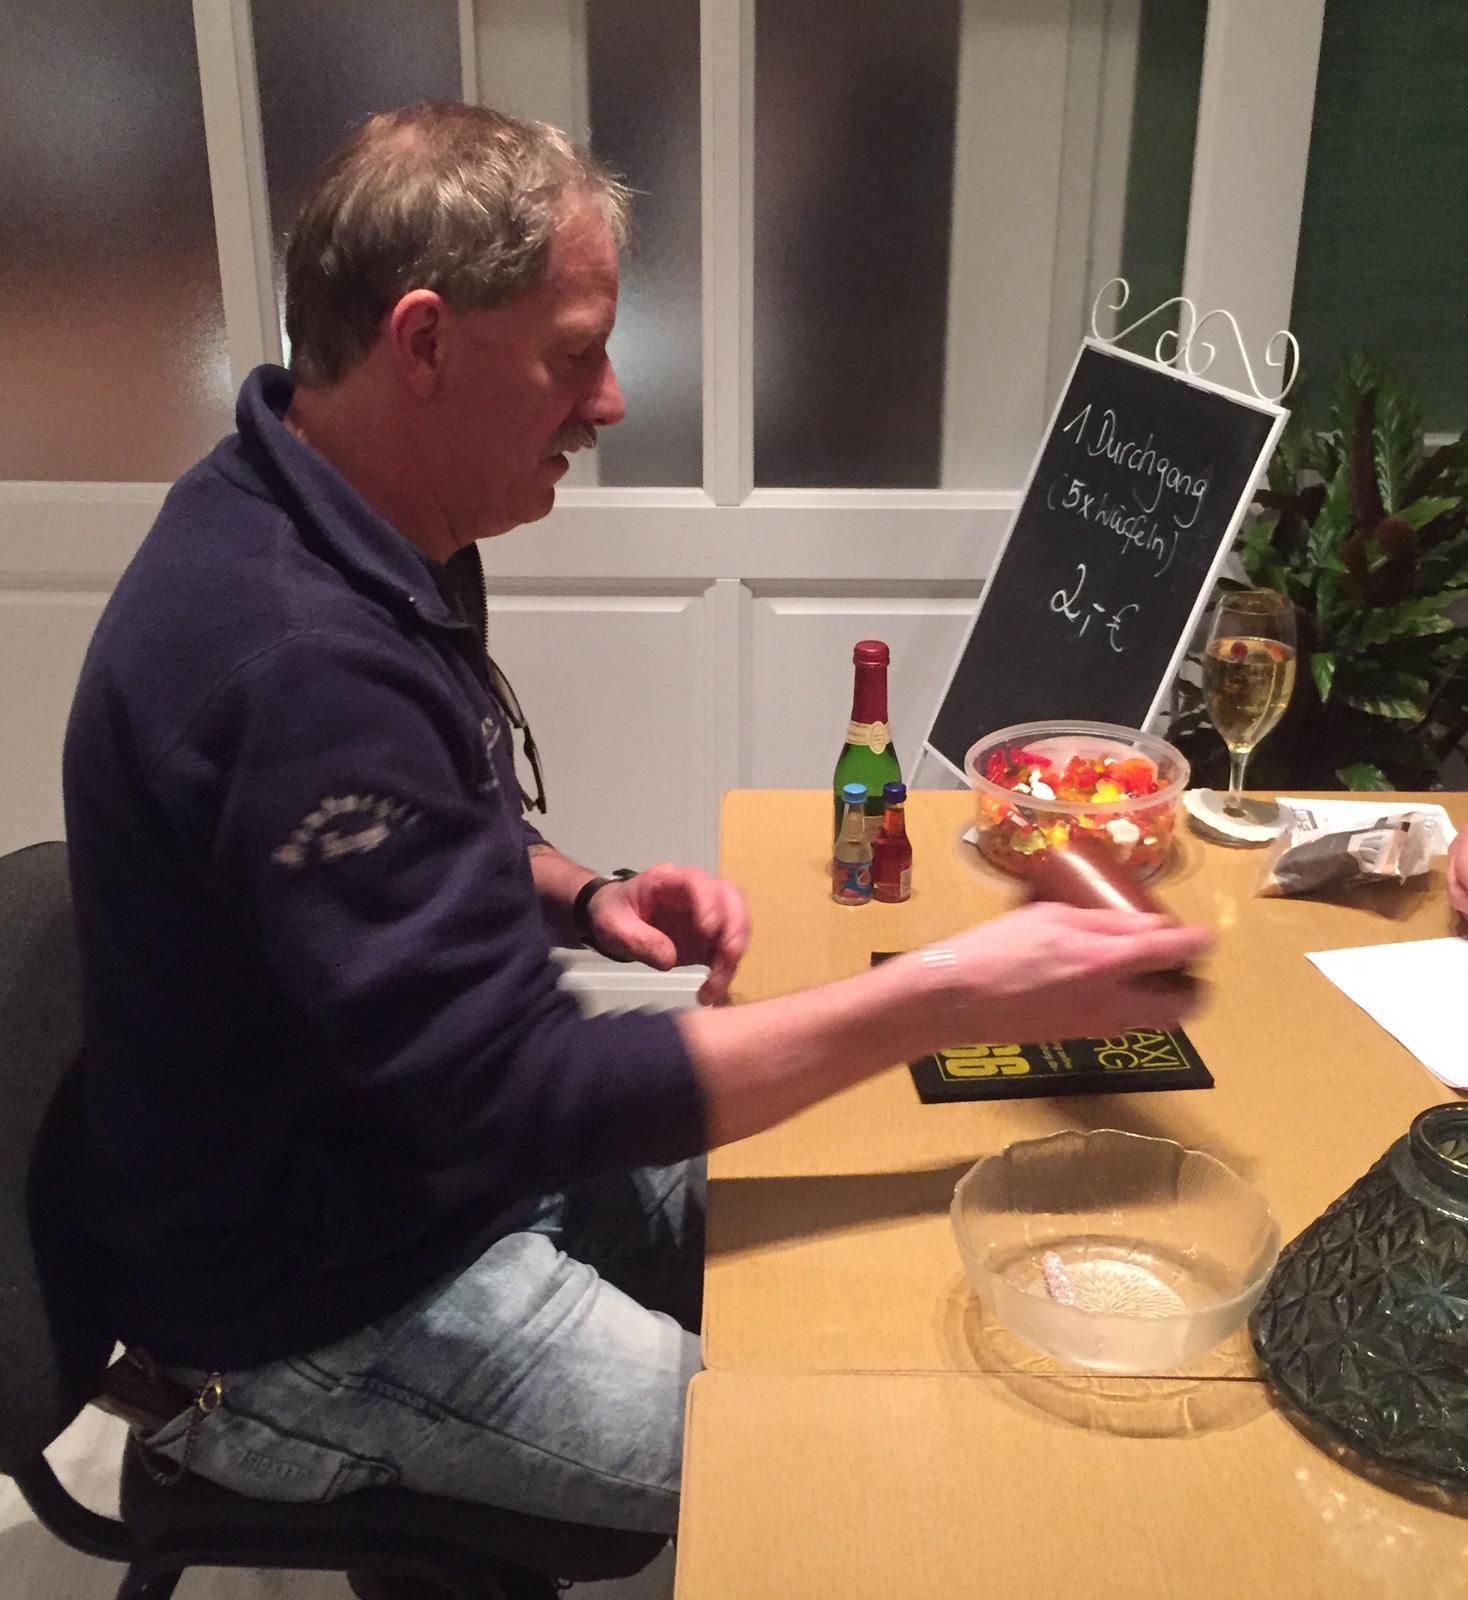 Es wurde auch erfolgreich geknobelt: Thomas gewann 22 kleine Flaschen Schnaps